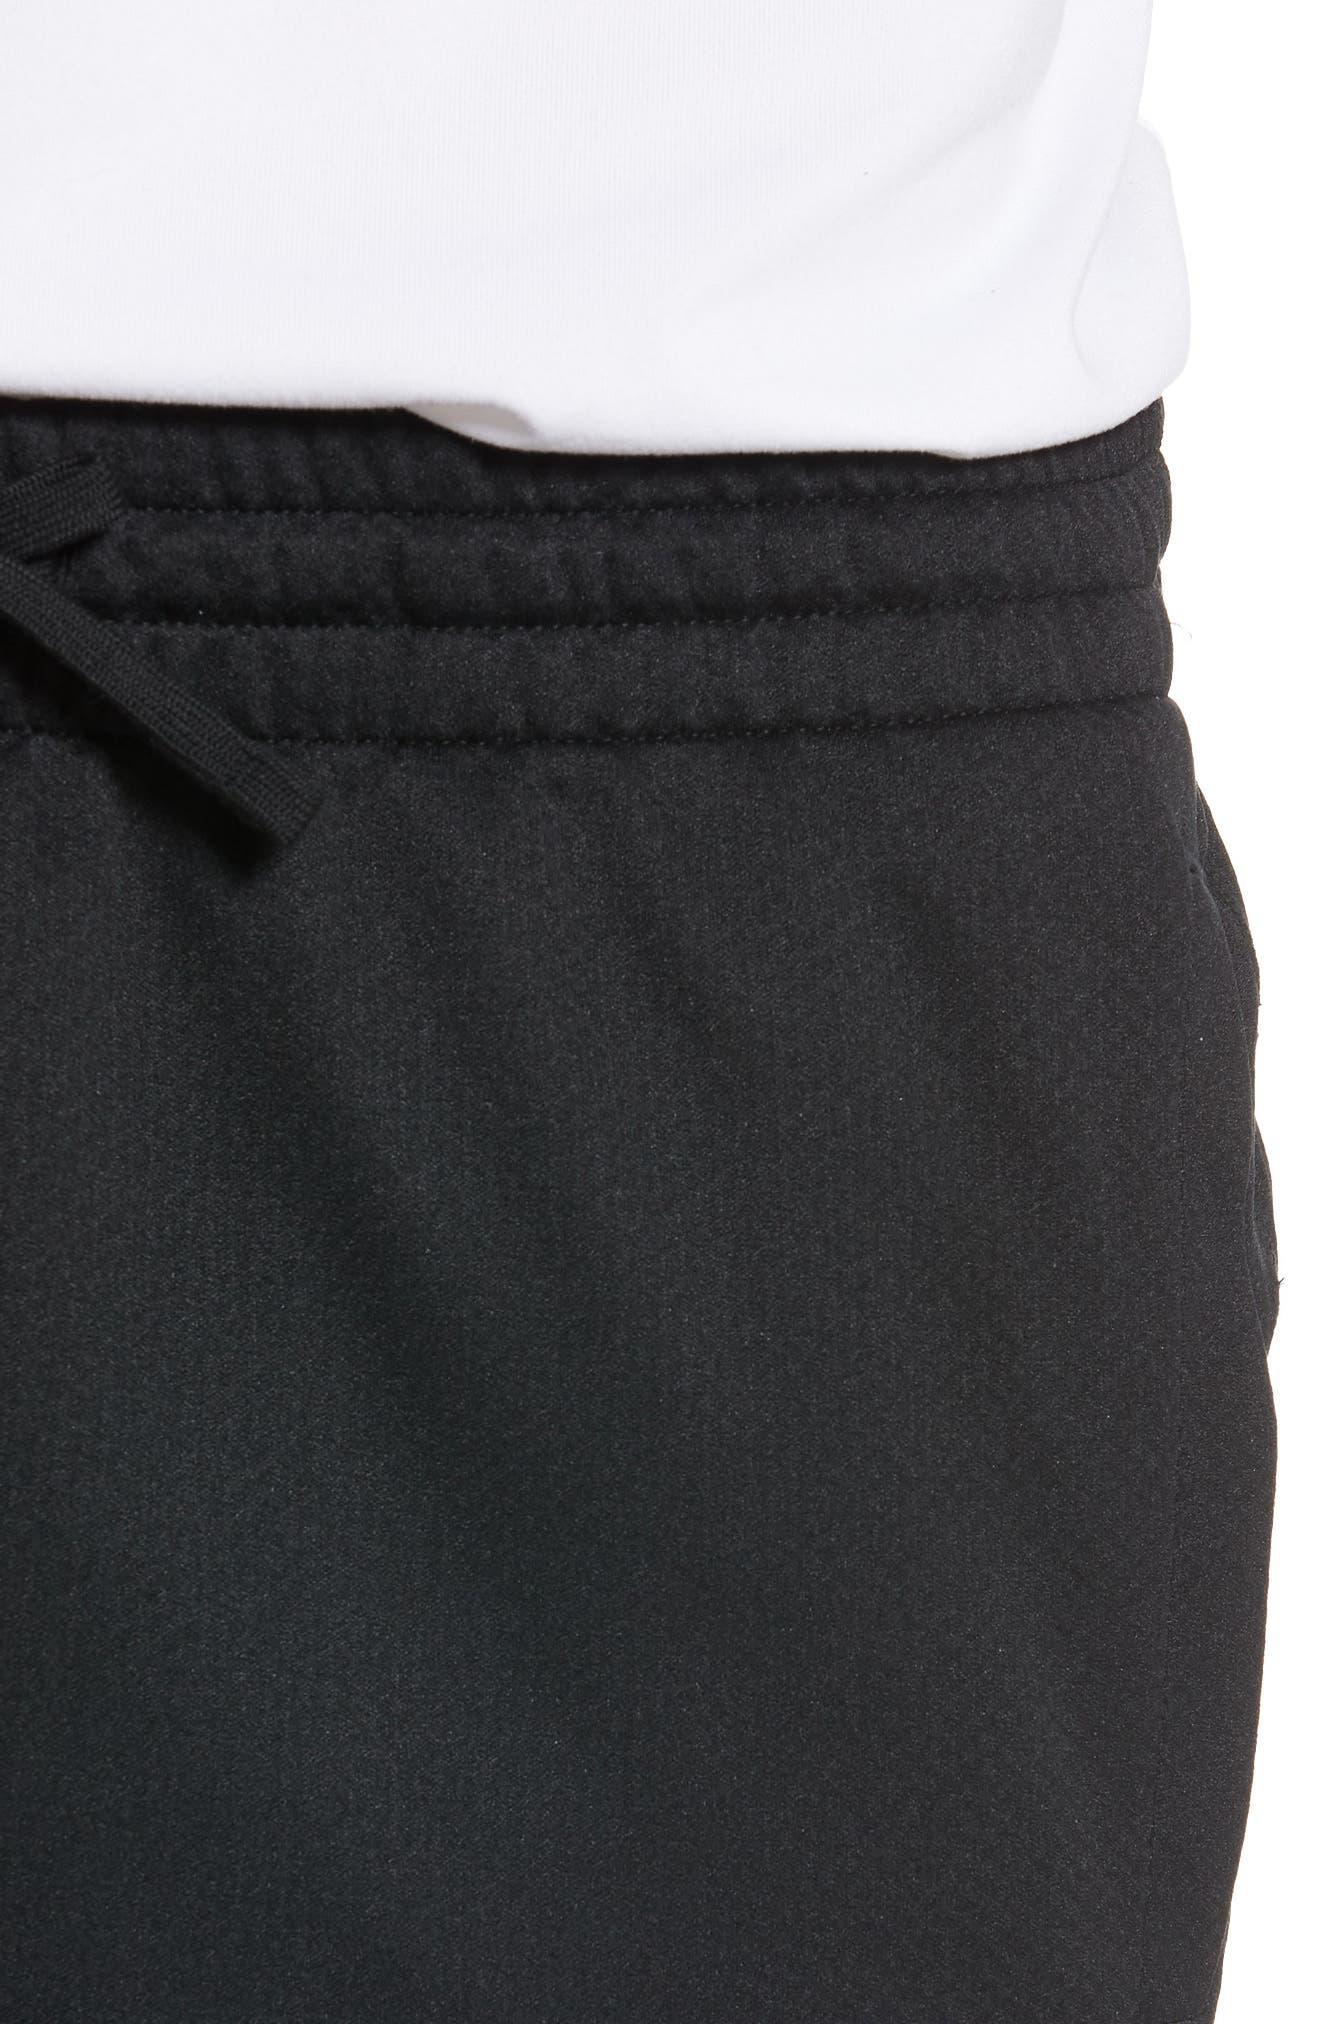 Sunday Dri-FIT Shorts,                             Alternate thumbnail 37, color,